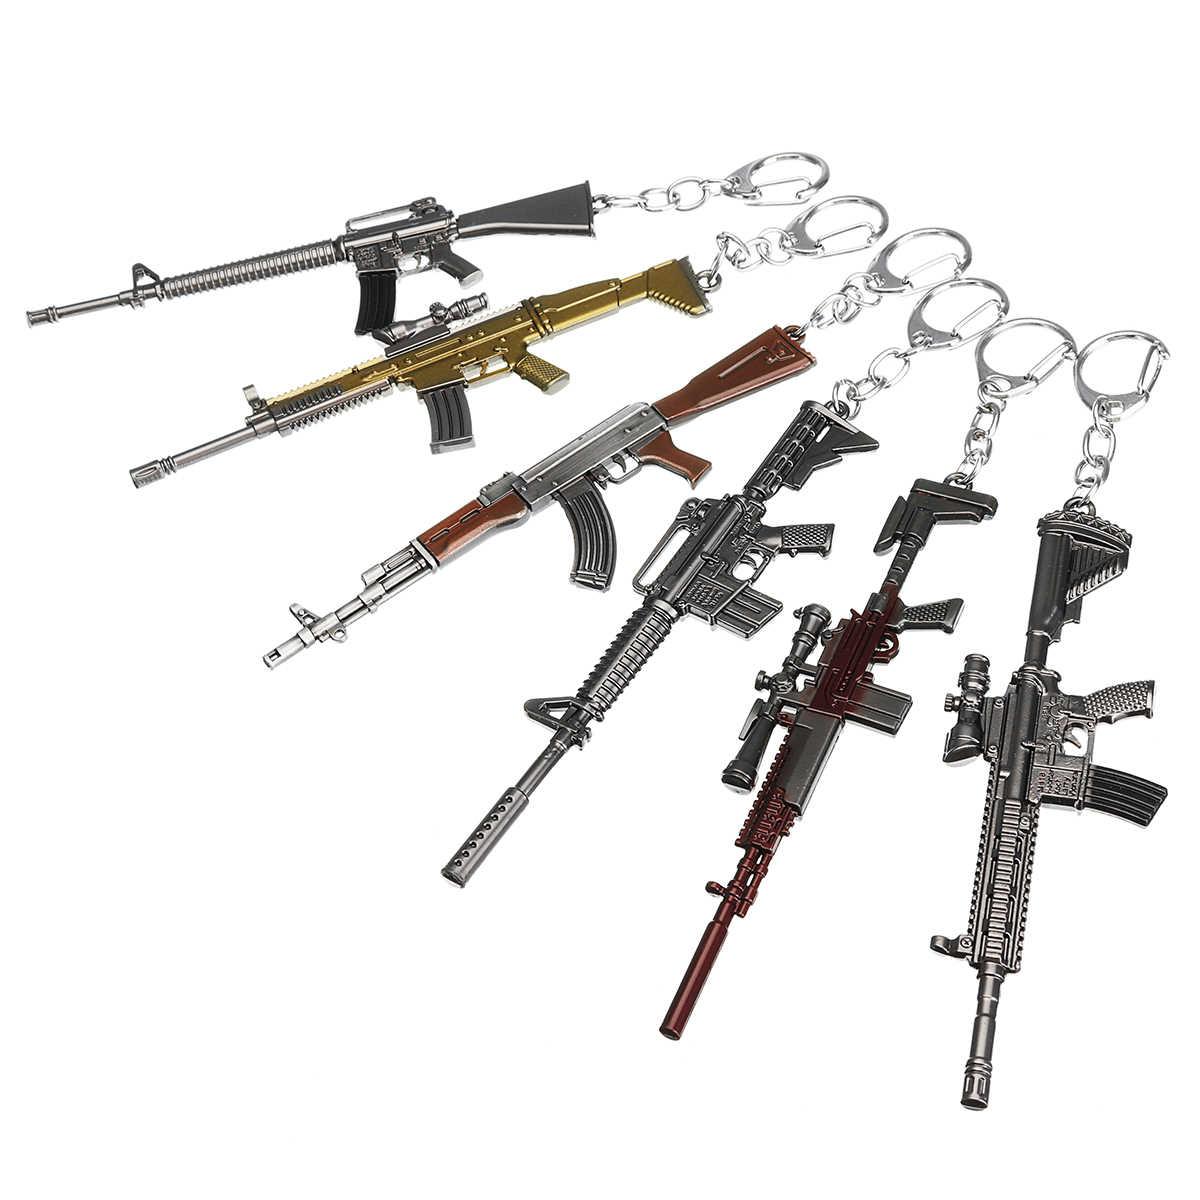 Mini liga sniper arma chaveiro chaveiro chaveiro pingentes akm arma em miniatura modelo arma modelo festa lembranças favor presente